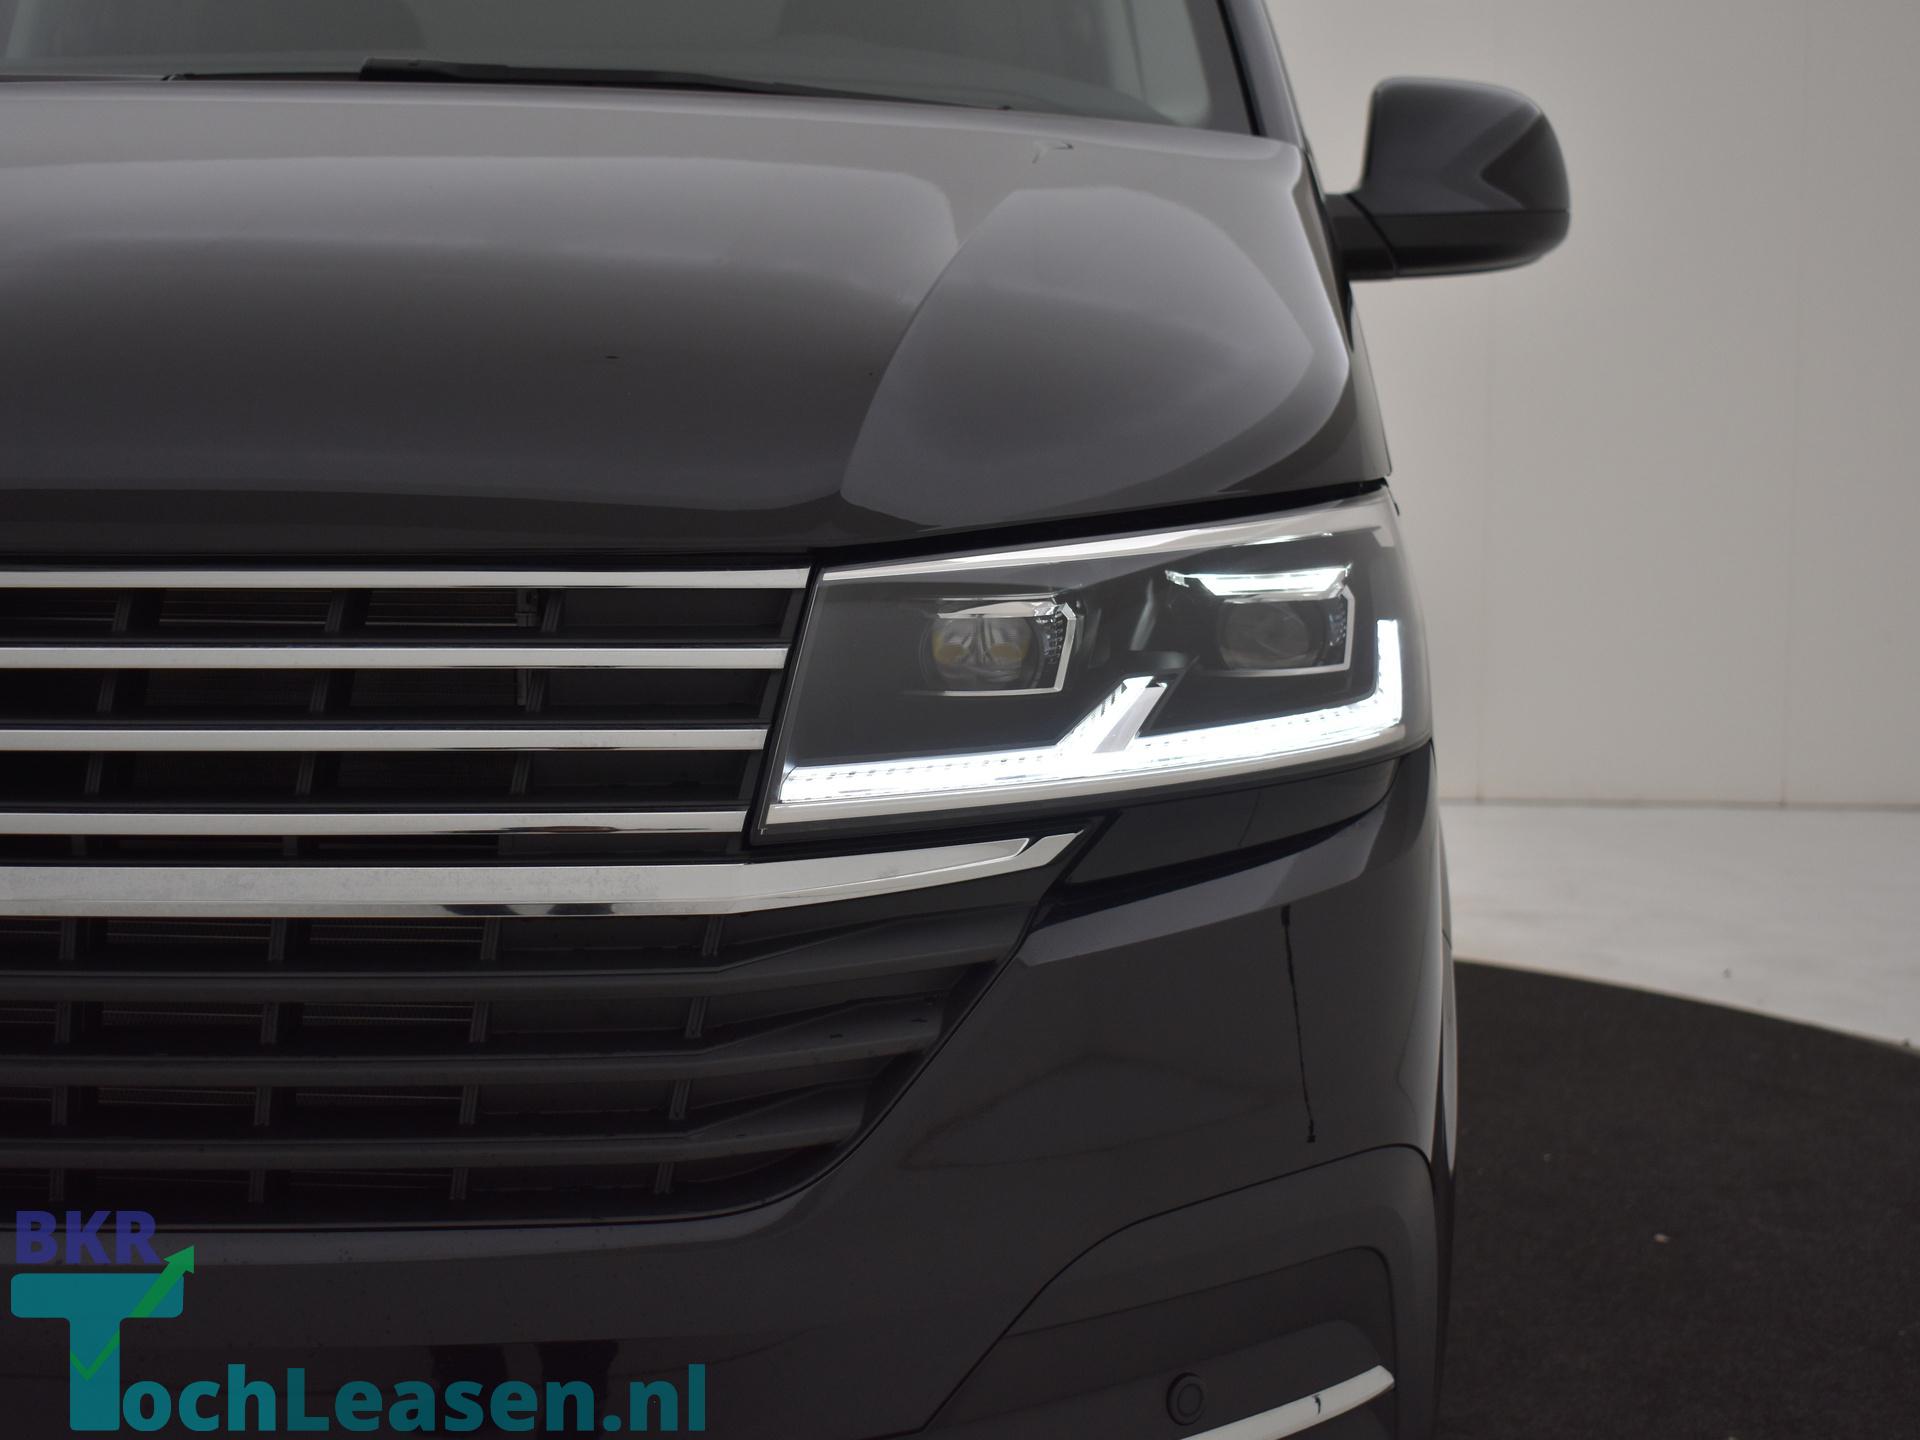 BKR toch leasen Volkswagen Transporter zwart 24